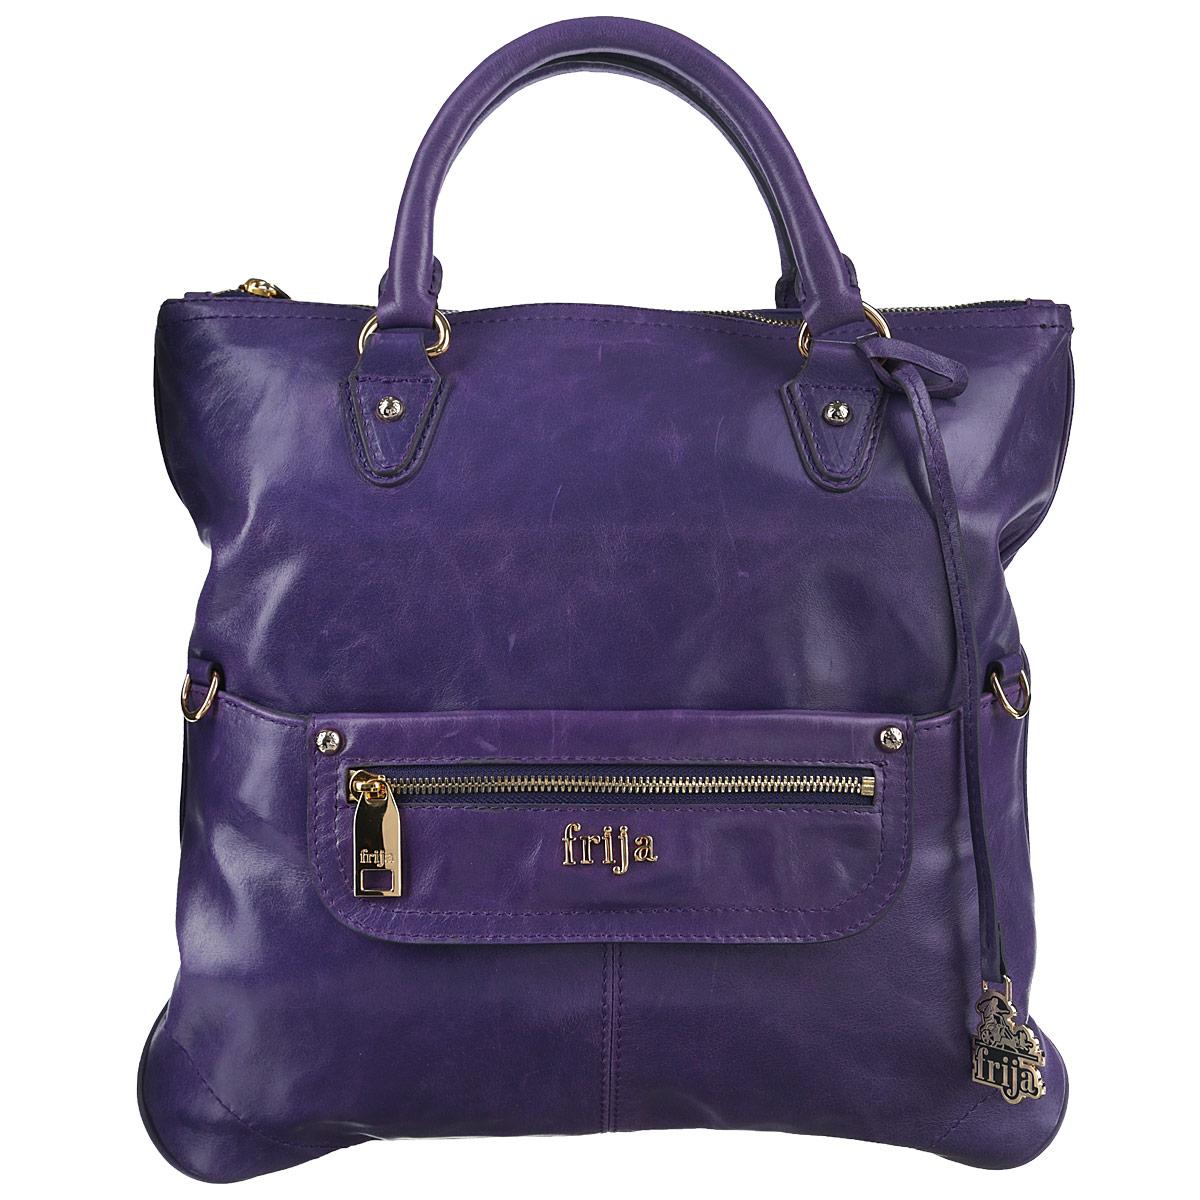 Сумка женская Frija, цвет: фиолетовый. 21-0120-133-47670-00504Стильная женская сумка Frija выполнена из натуральной кожи в классическом стиле. Внутри сумки одно основное отделение и один внутренний карман на молнии. Снаружи сумка закрывается на молнию. На передней стенке два кармана, один из них закрывается на магнитную кнопку, другой на молнию. На задней стенке хлястик с кнопкой для фиксации ручек, поэтому сумку можно носить как клатч. Высота ручек 9 см. Длина съемного плечевого ремня 130 см.В комплекте чехол для хранения.Роскошная сумка внесёт элегантные нотки в ваш образ и подчеркнёт ваше отменное чувство стиля.